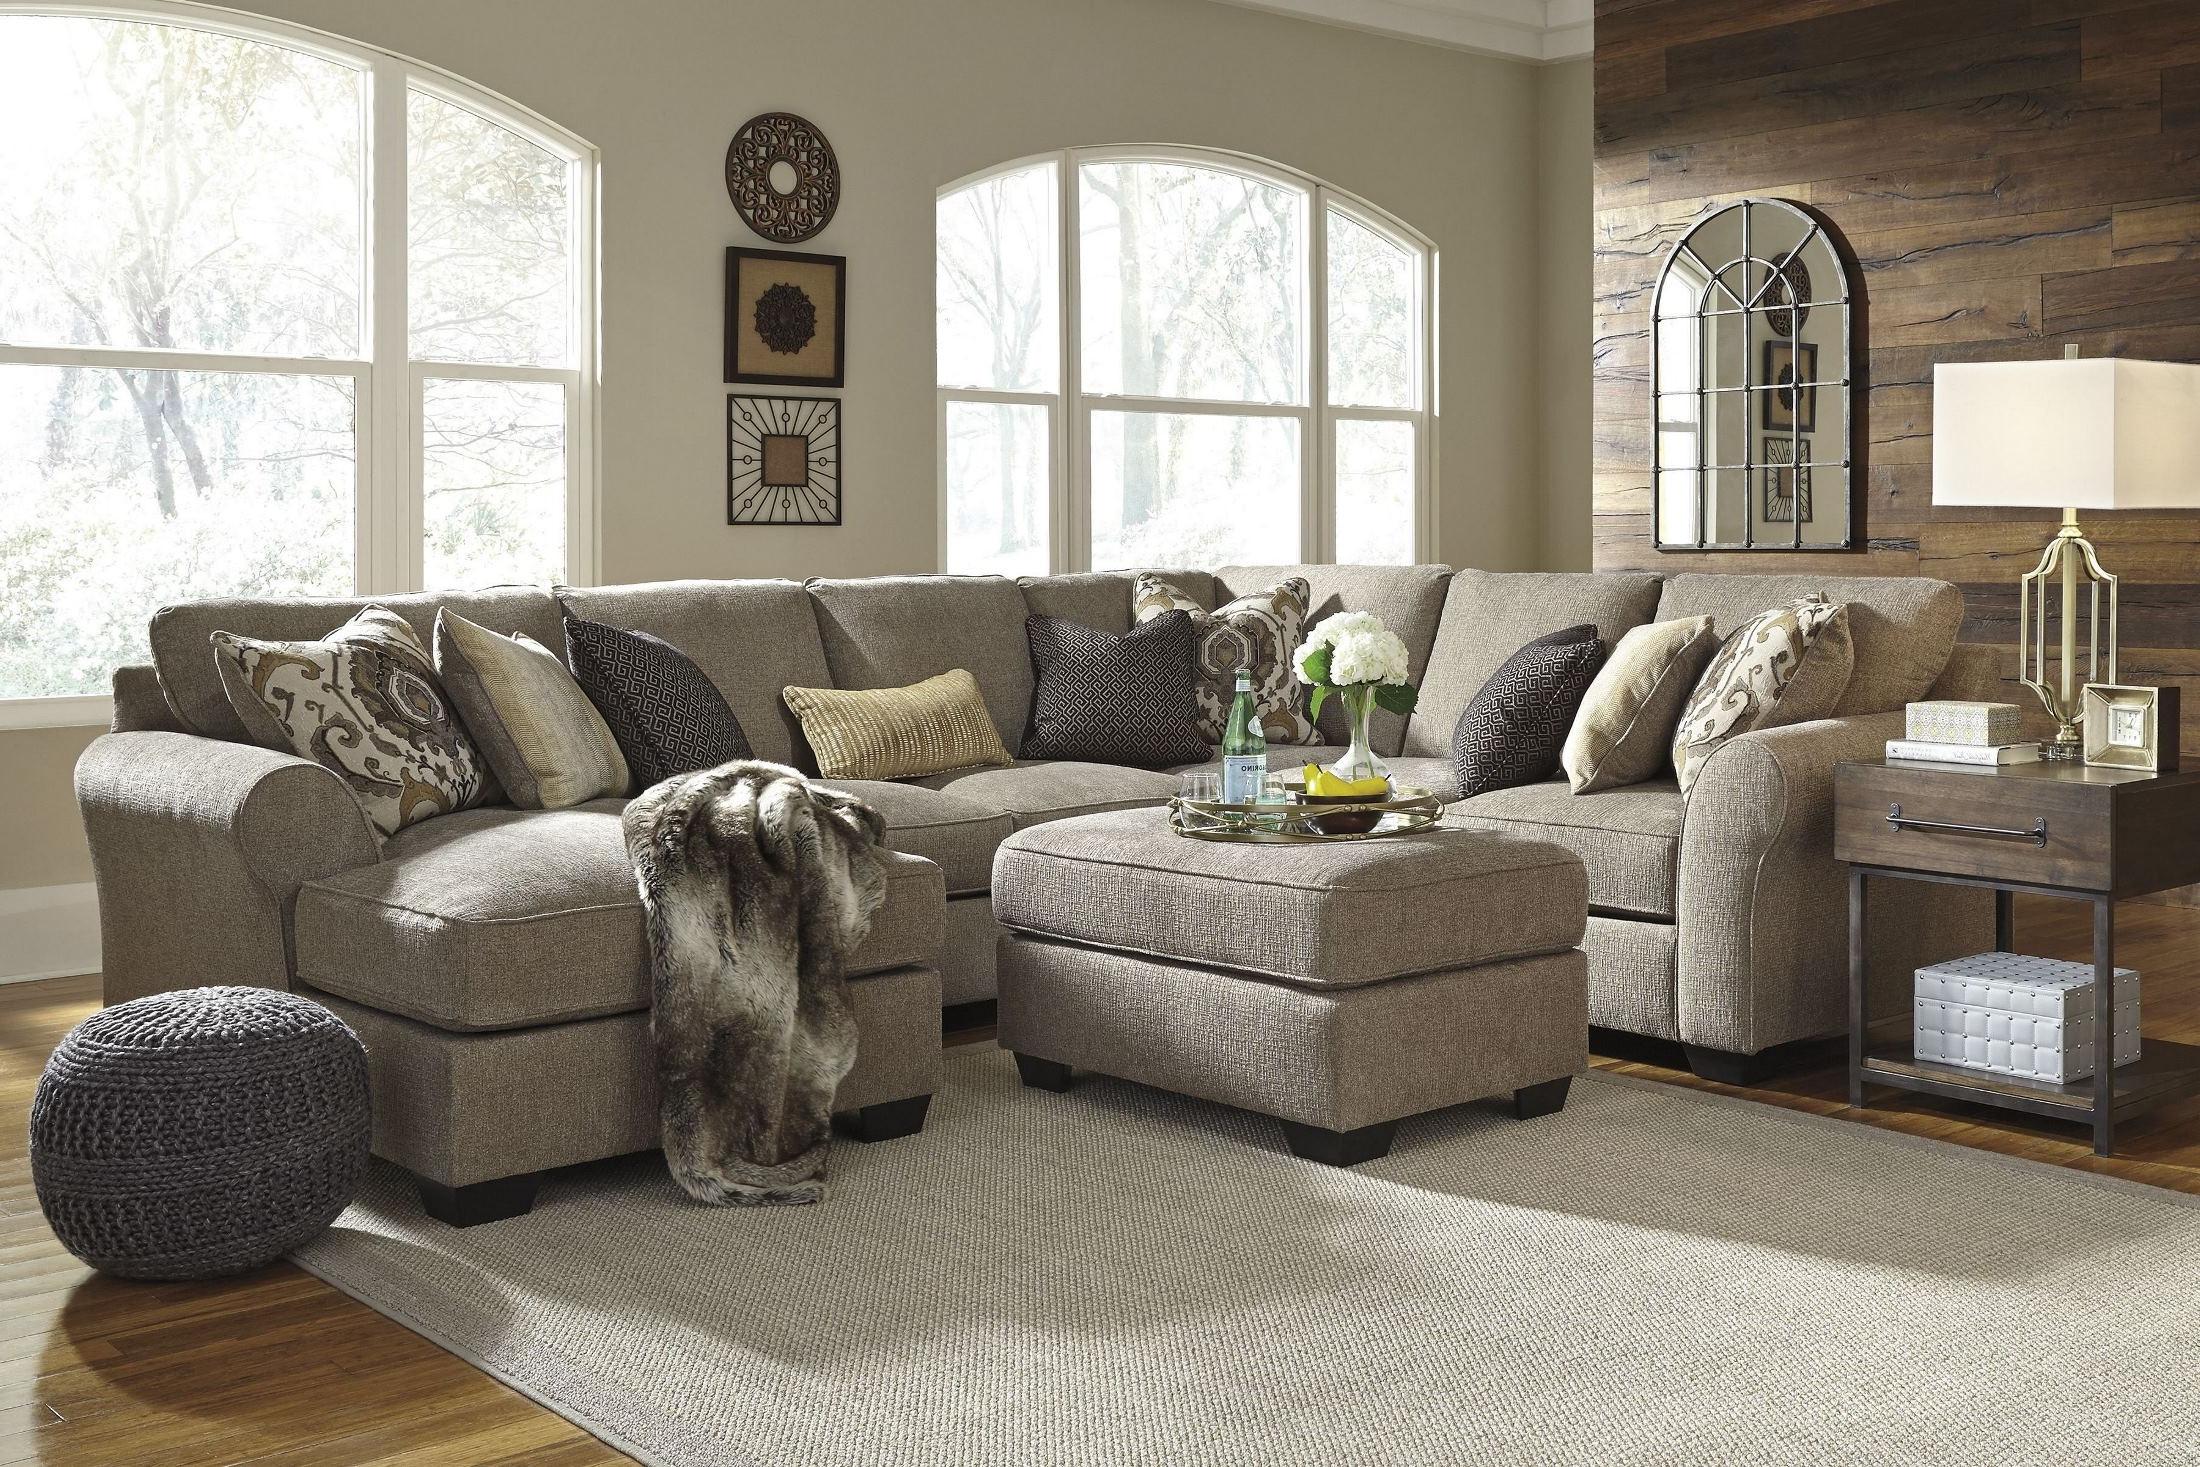 Baci Living Room (View 2 of 20)